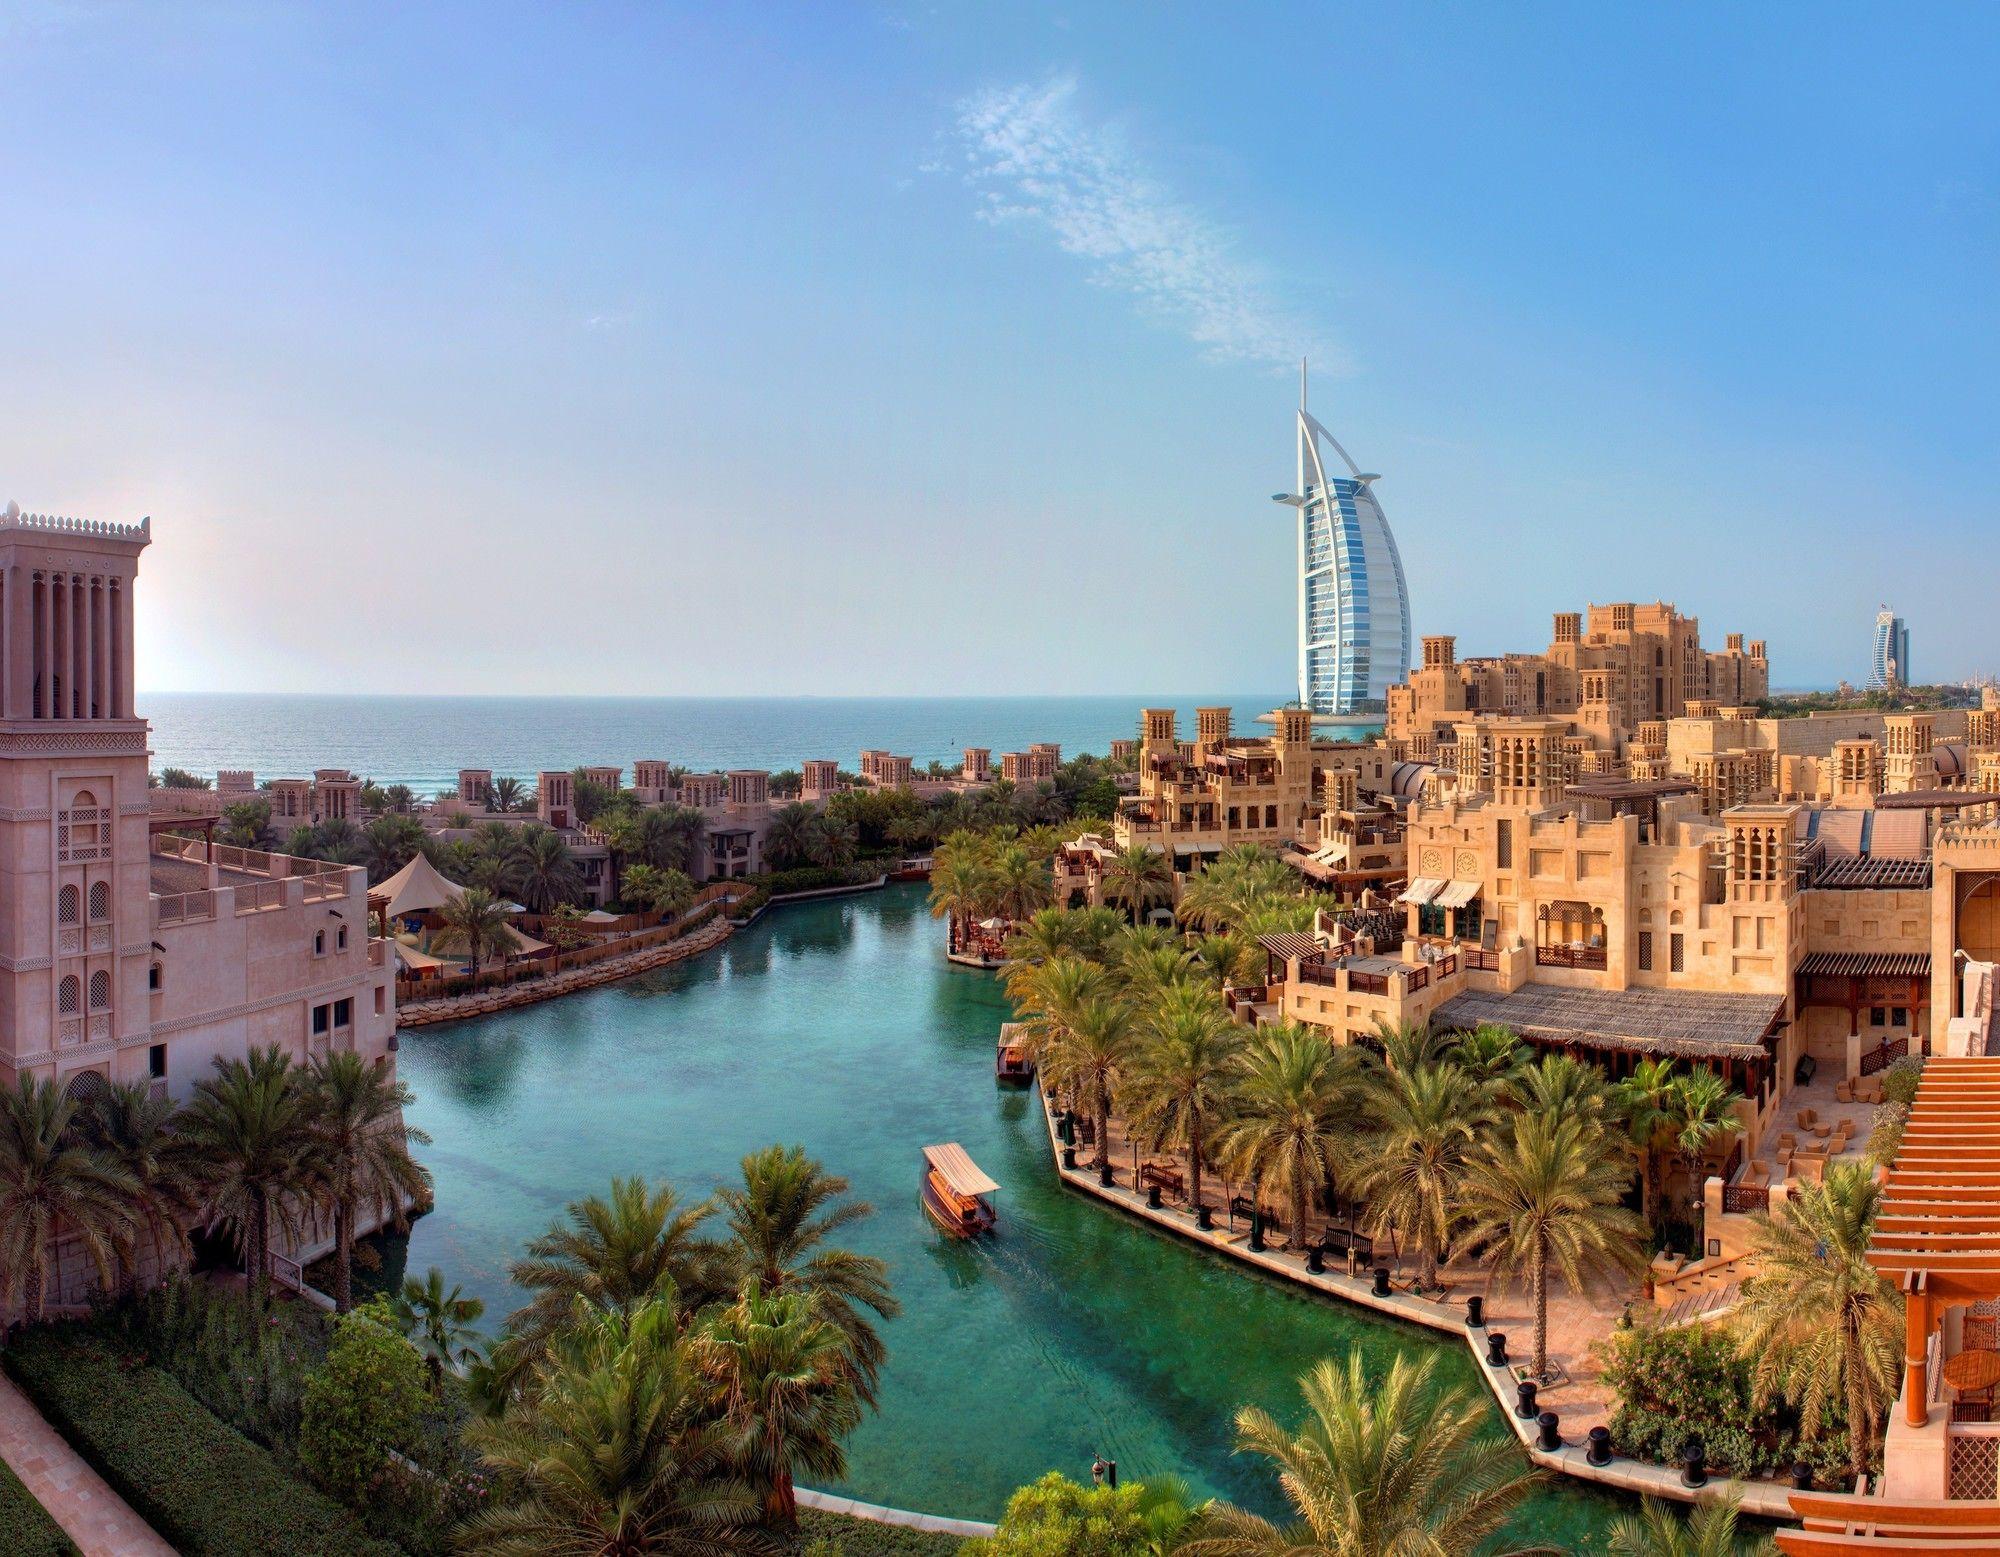 افضل المنتجعات السياحية فى دبى الامارات